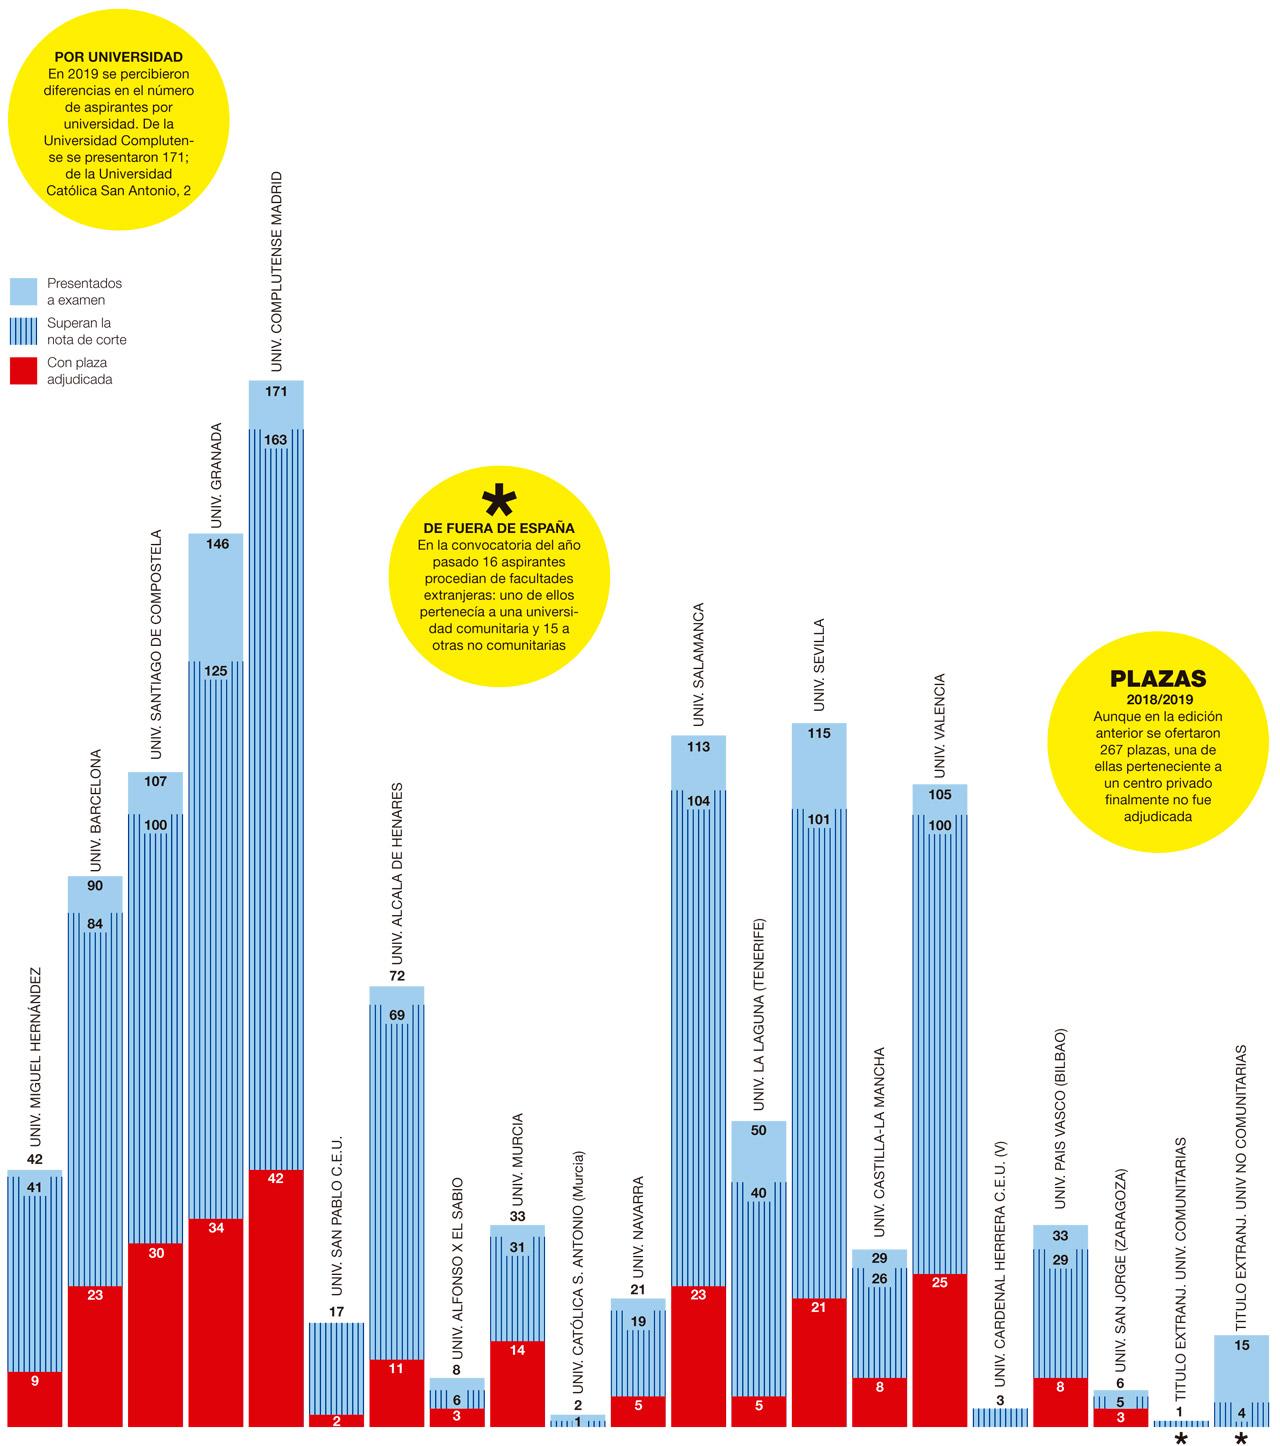 Datos por universidades de la convocatoria FIR 2019/2020.